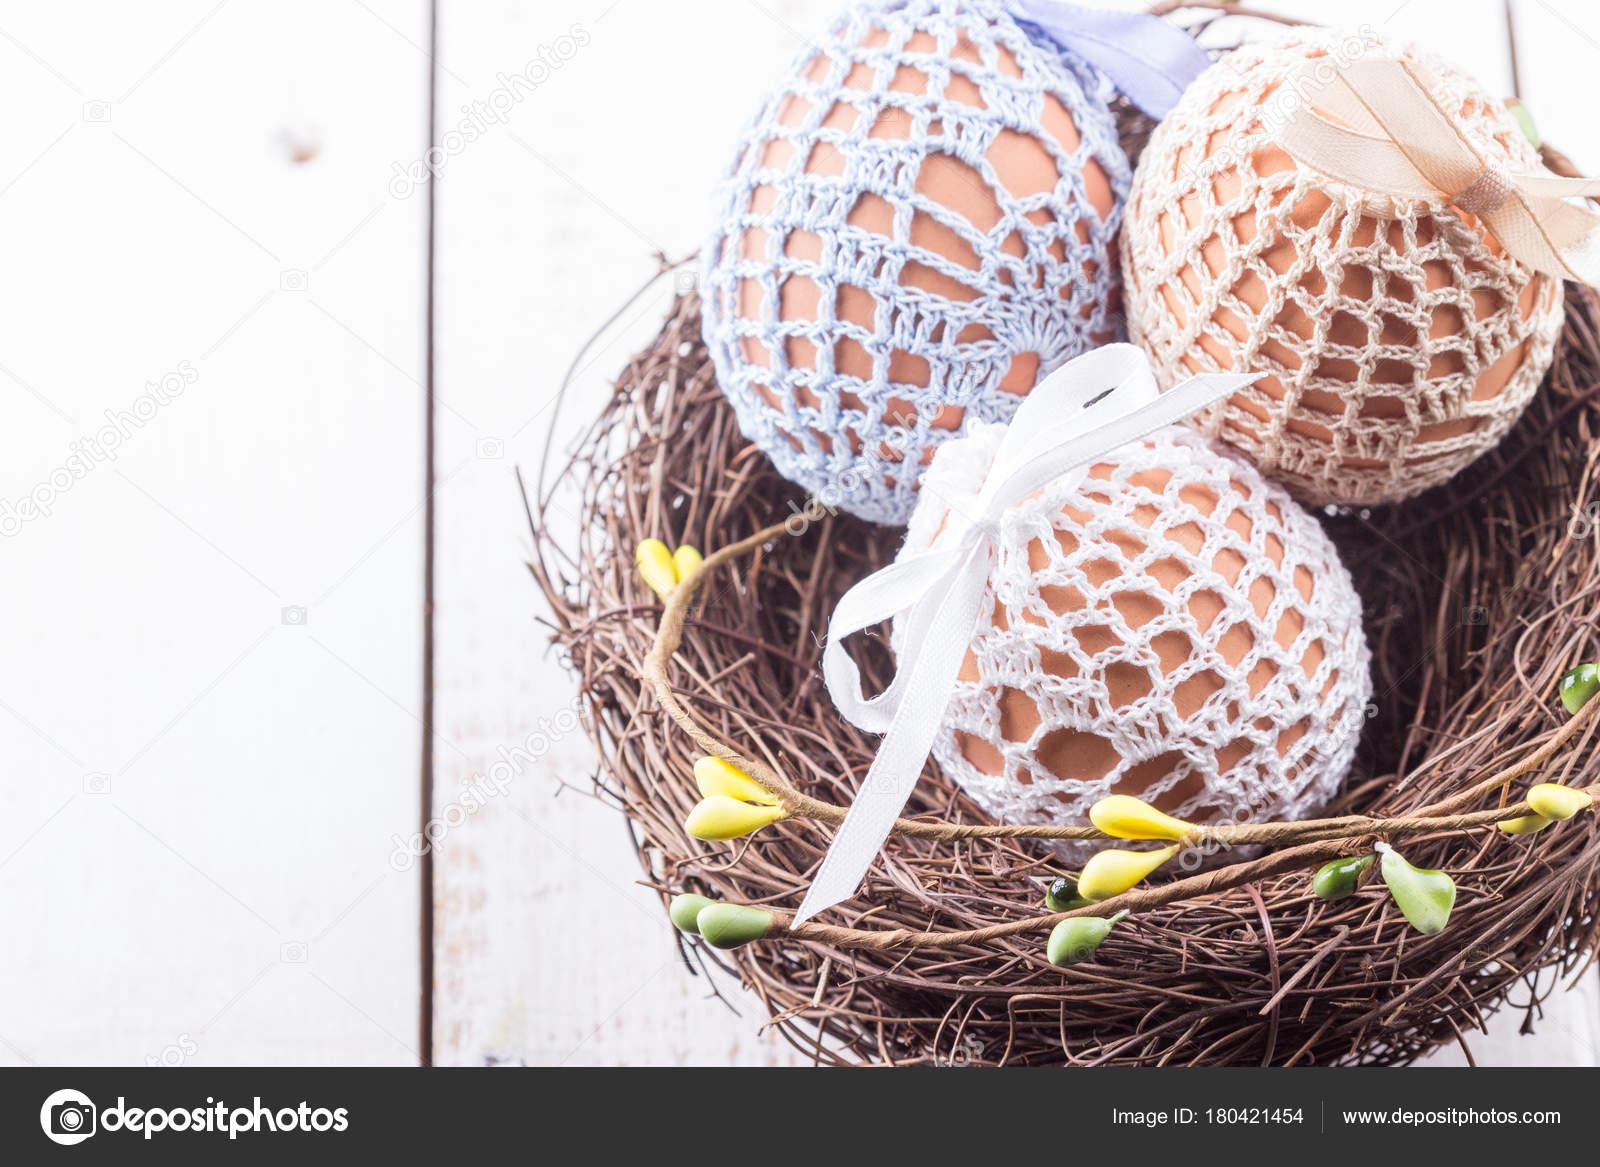 912344aba4 Tři Velikonoční Vejce Ručně Pletené Tašky Hnědé Hnízdě Jarní Výzdobou —  Stock fotografie